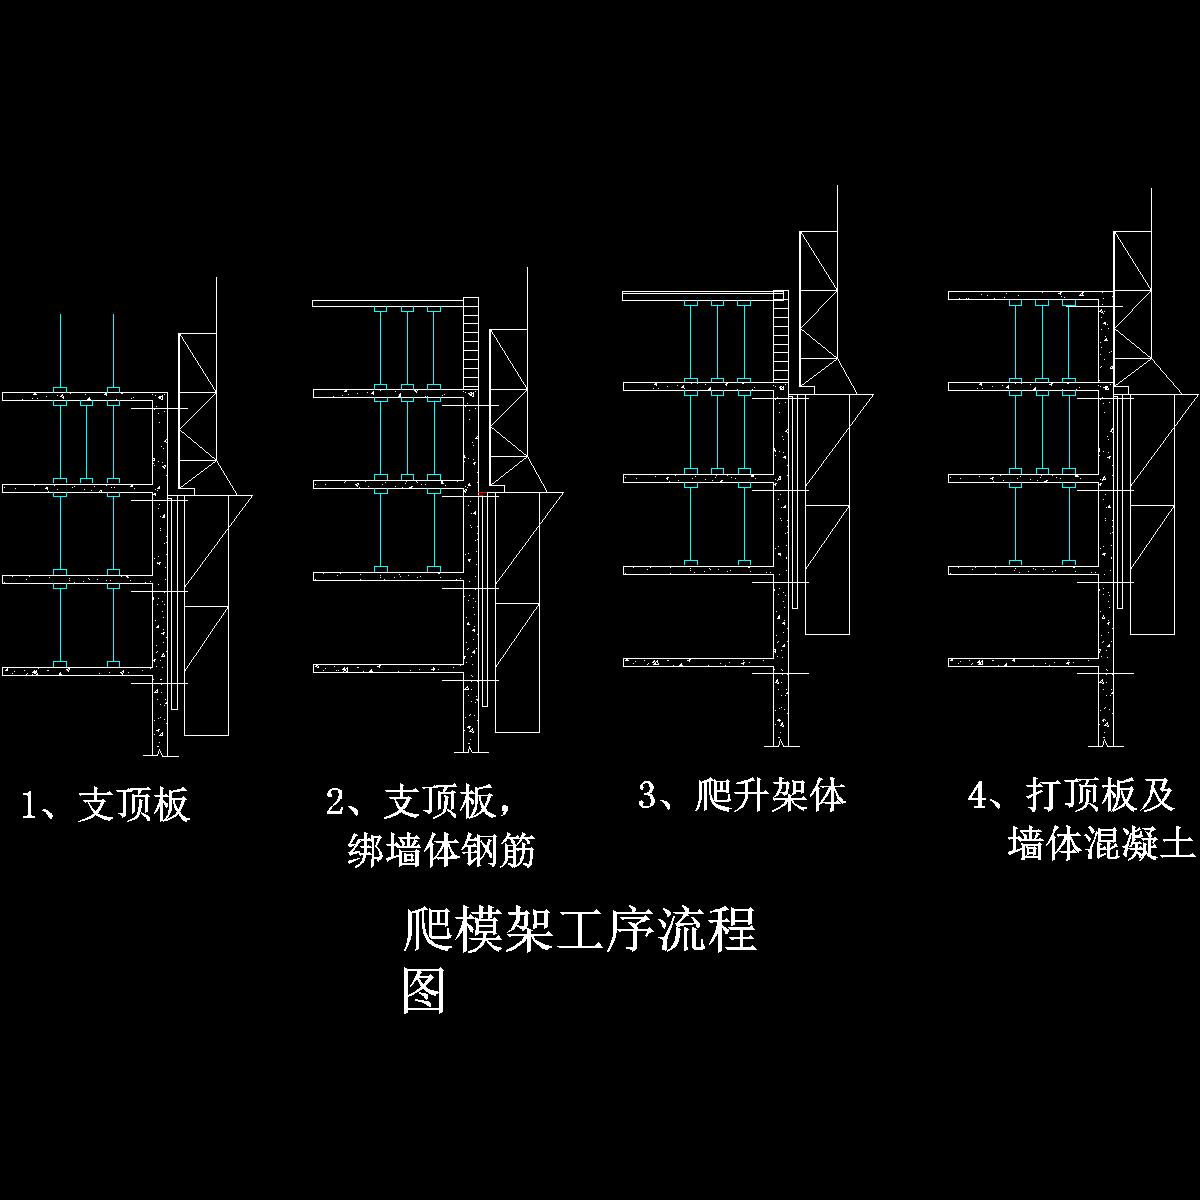 爬模架工序流程.dwg